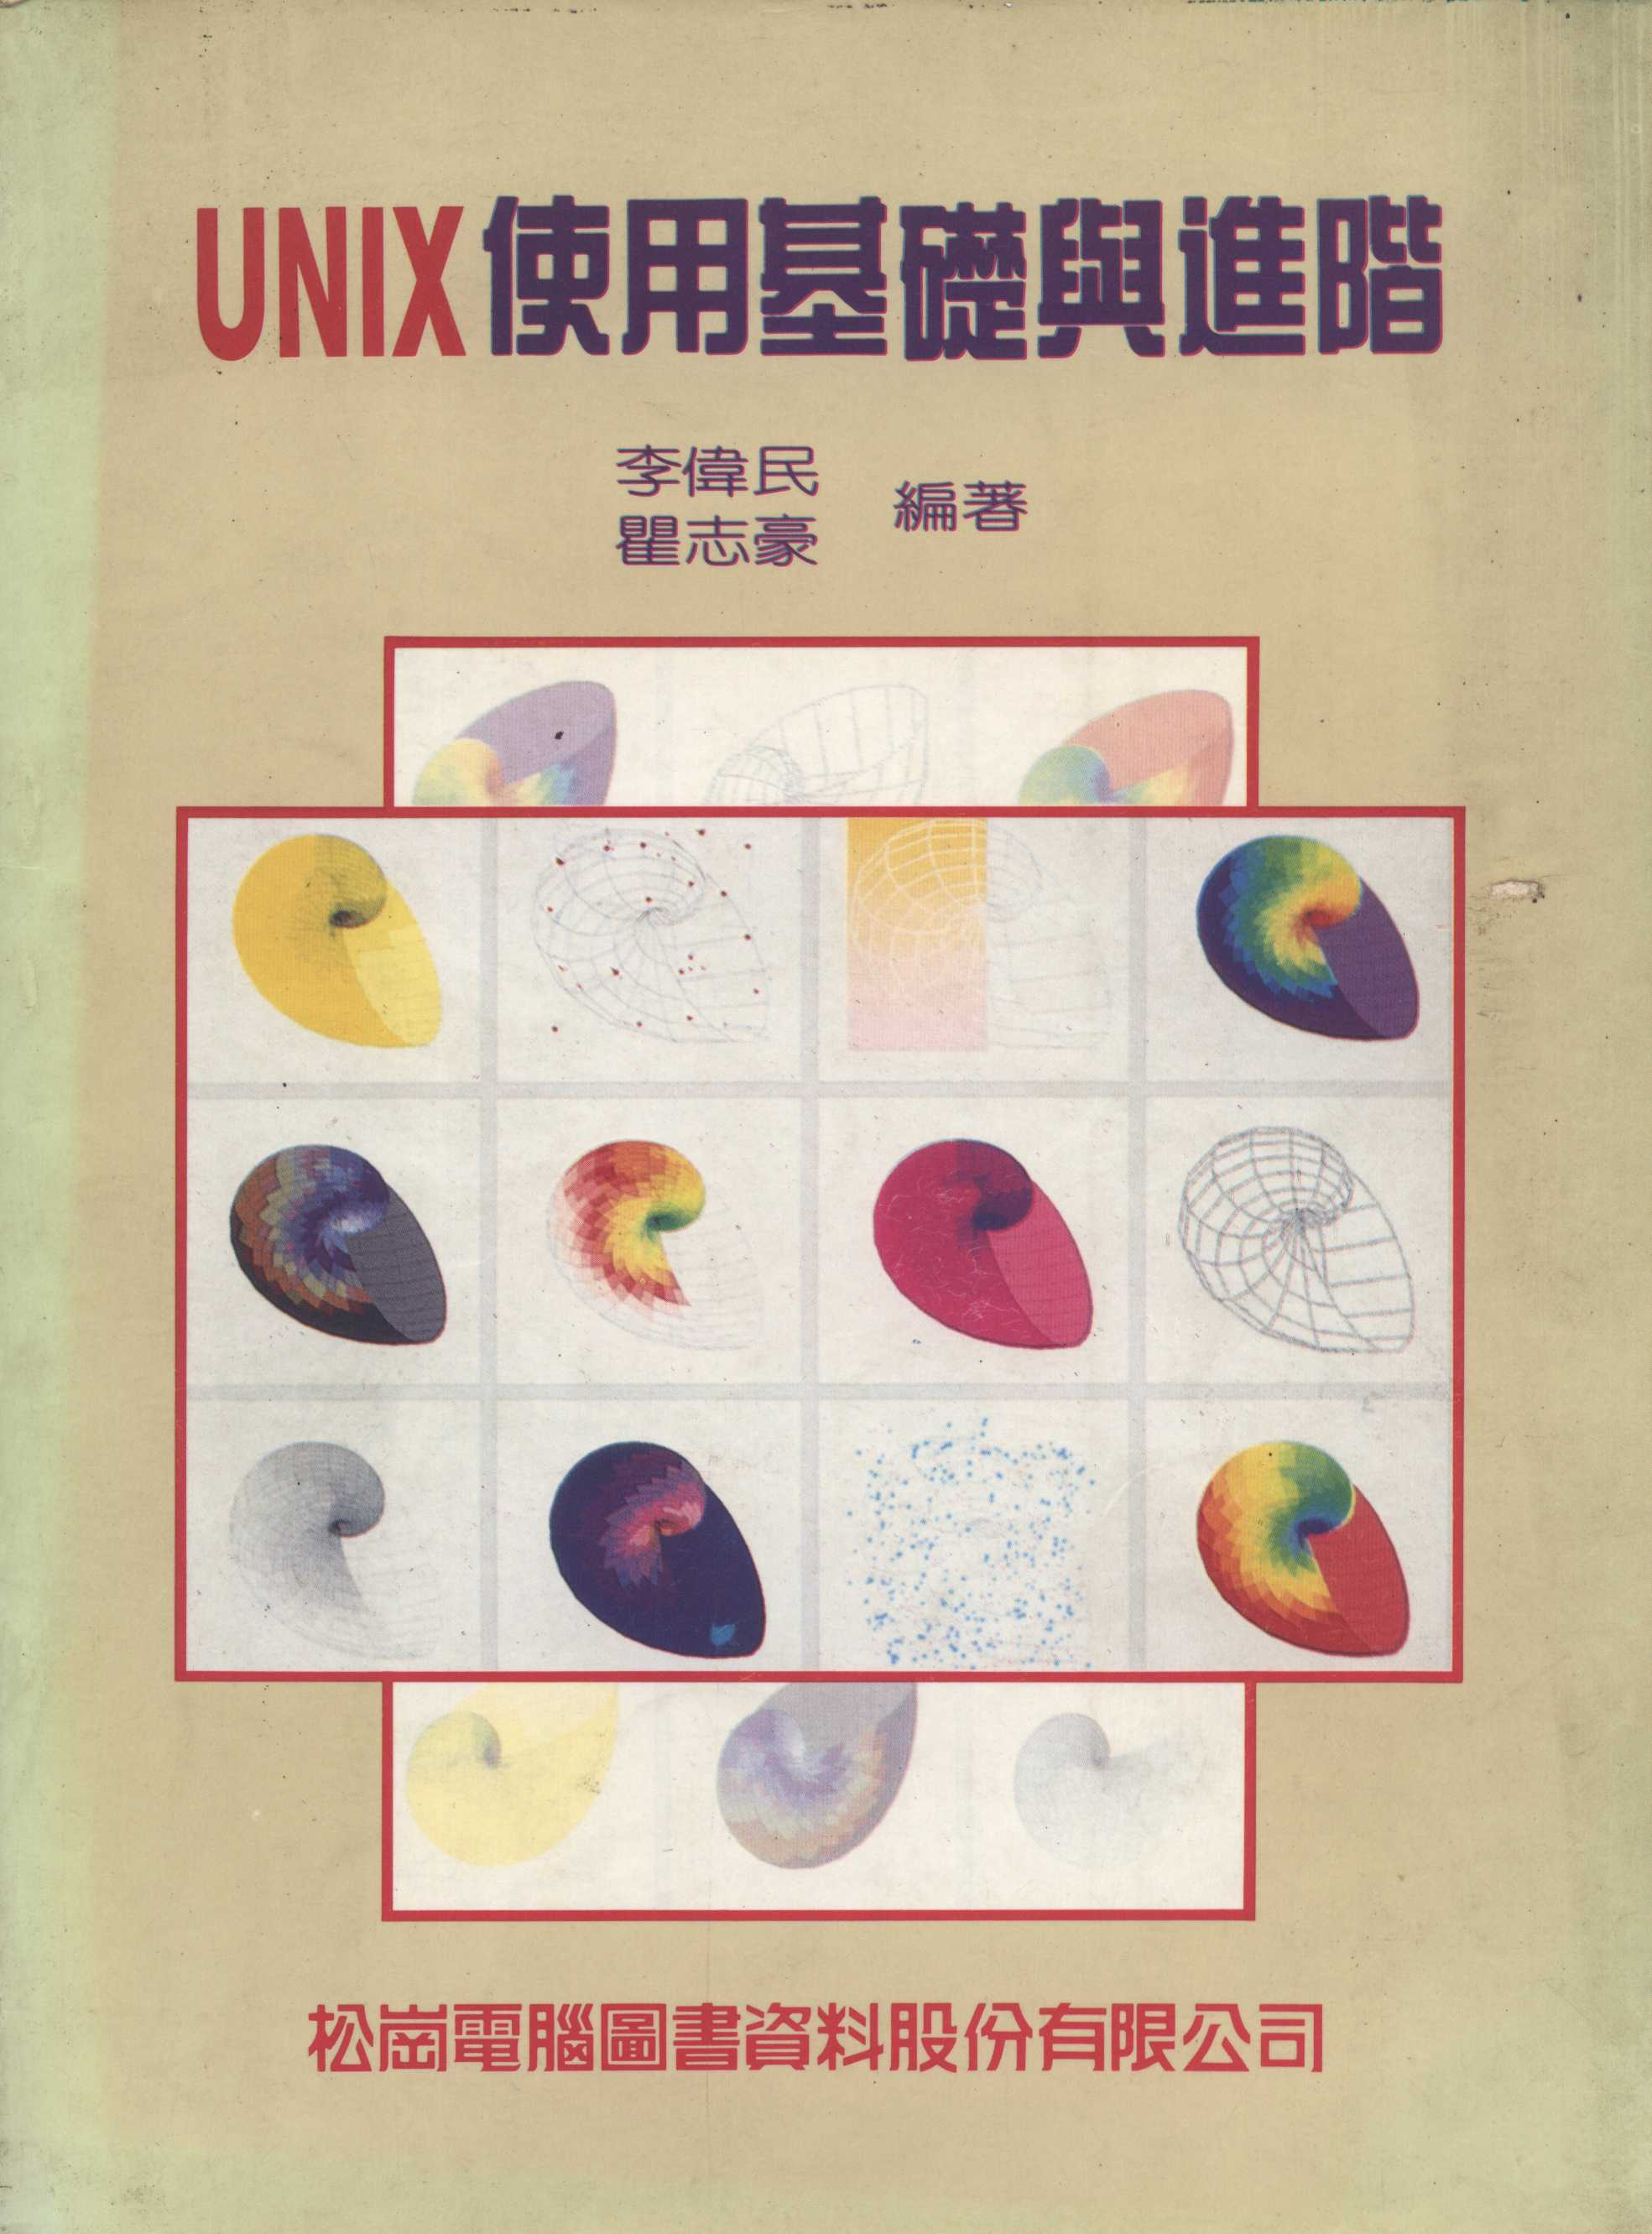 UNIX使用基礎興進階